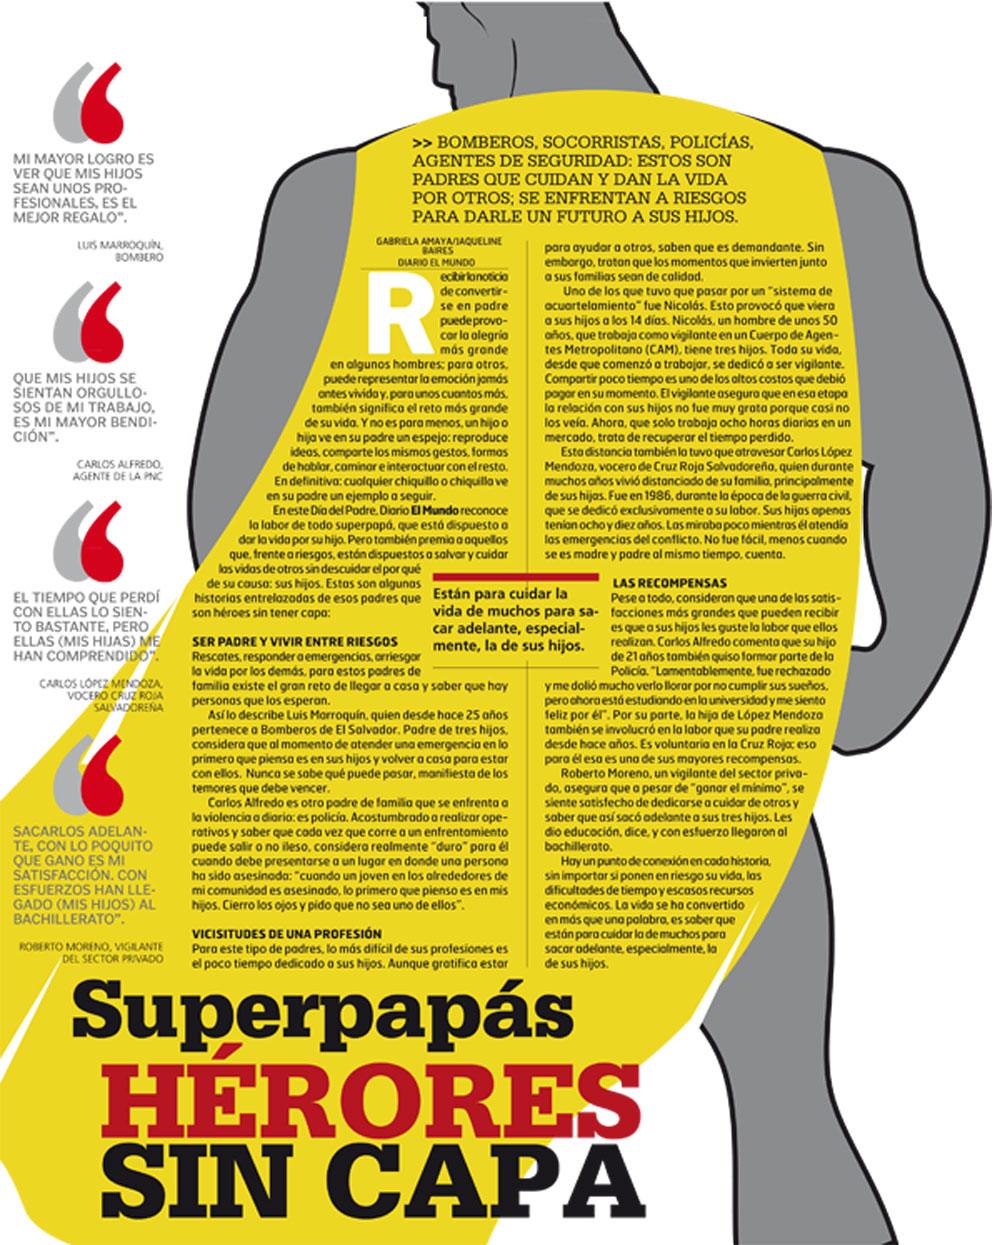 Superpas-heroes-sin-capa